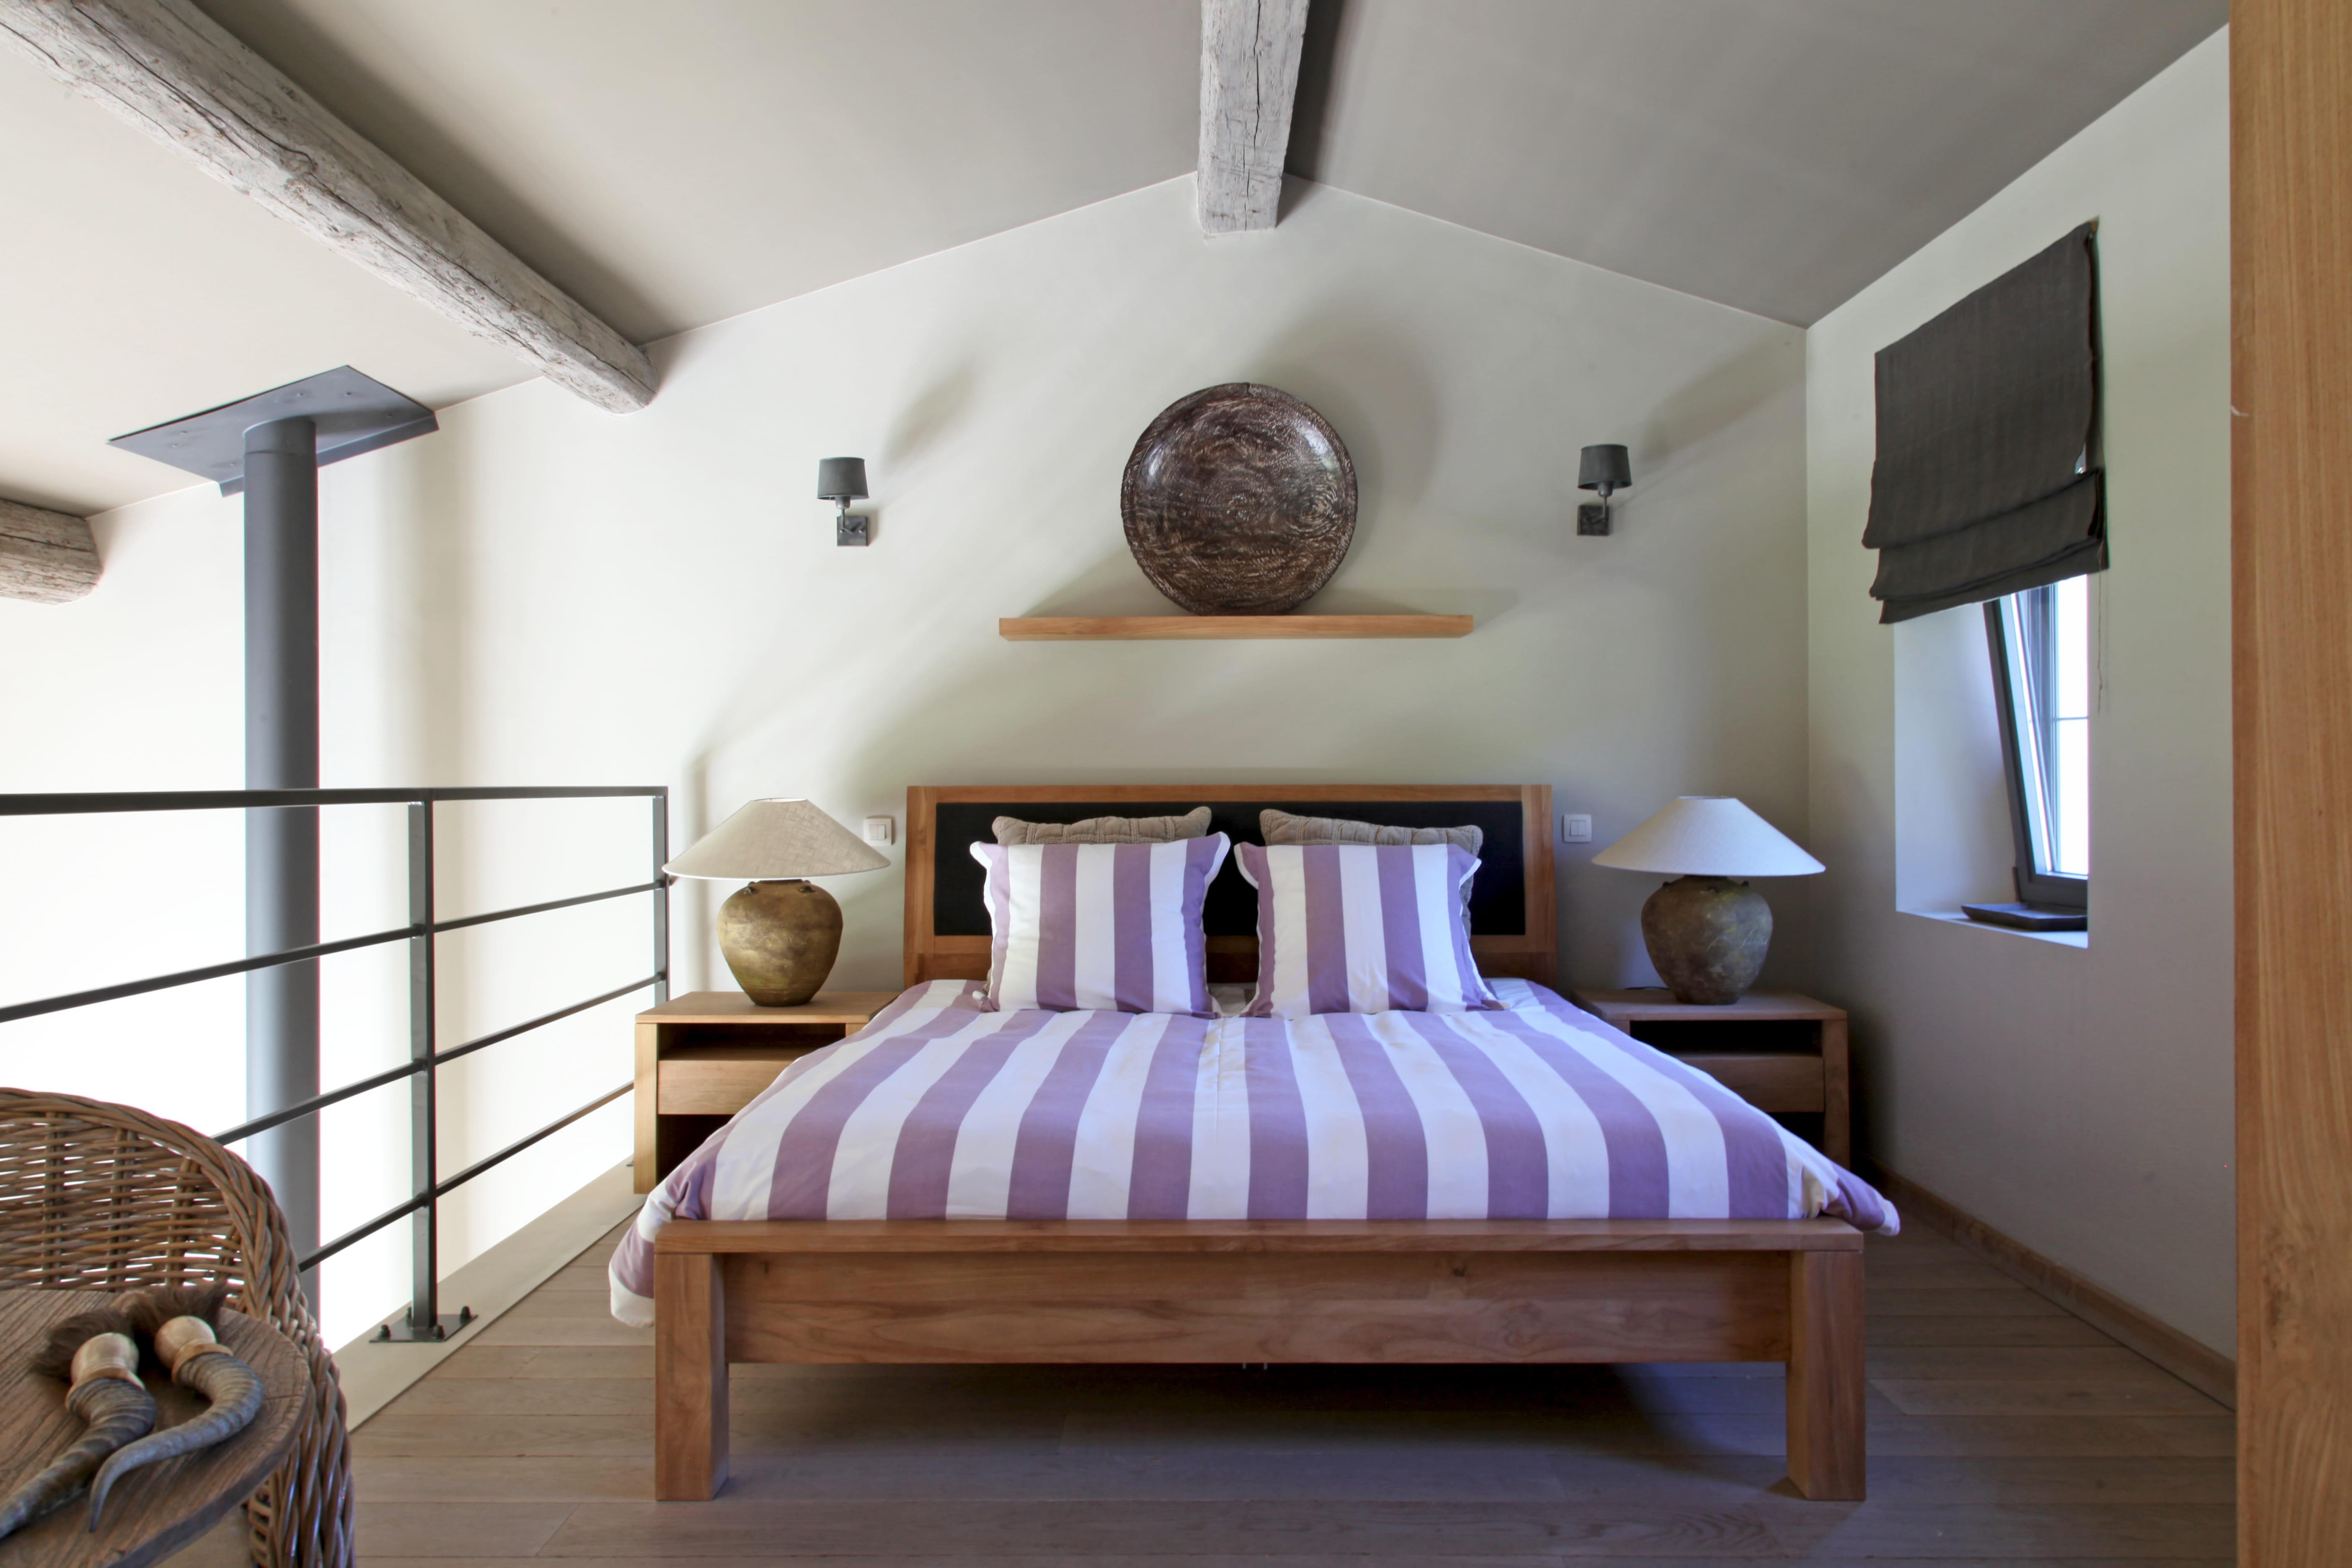 Une chambre chic et mansard e combles et greniers des espaces malins et b - Deco chambre mansardee ...